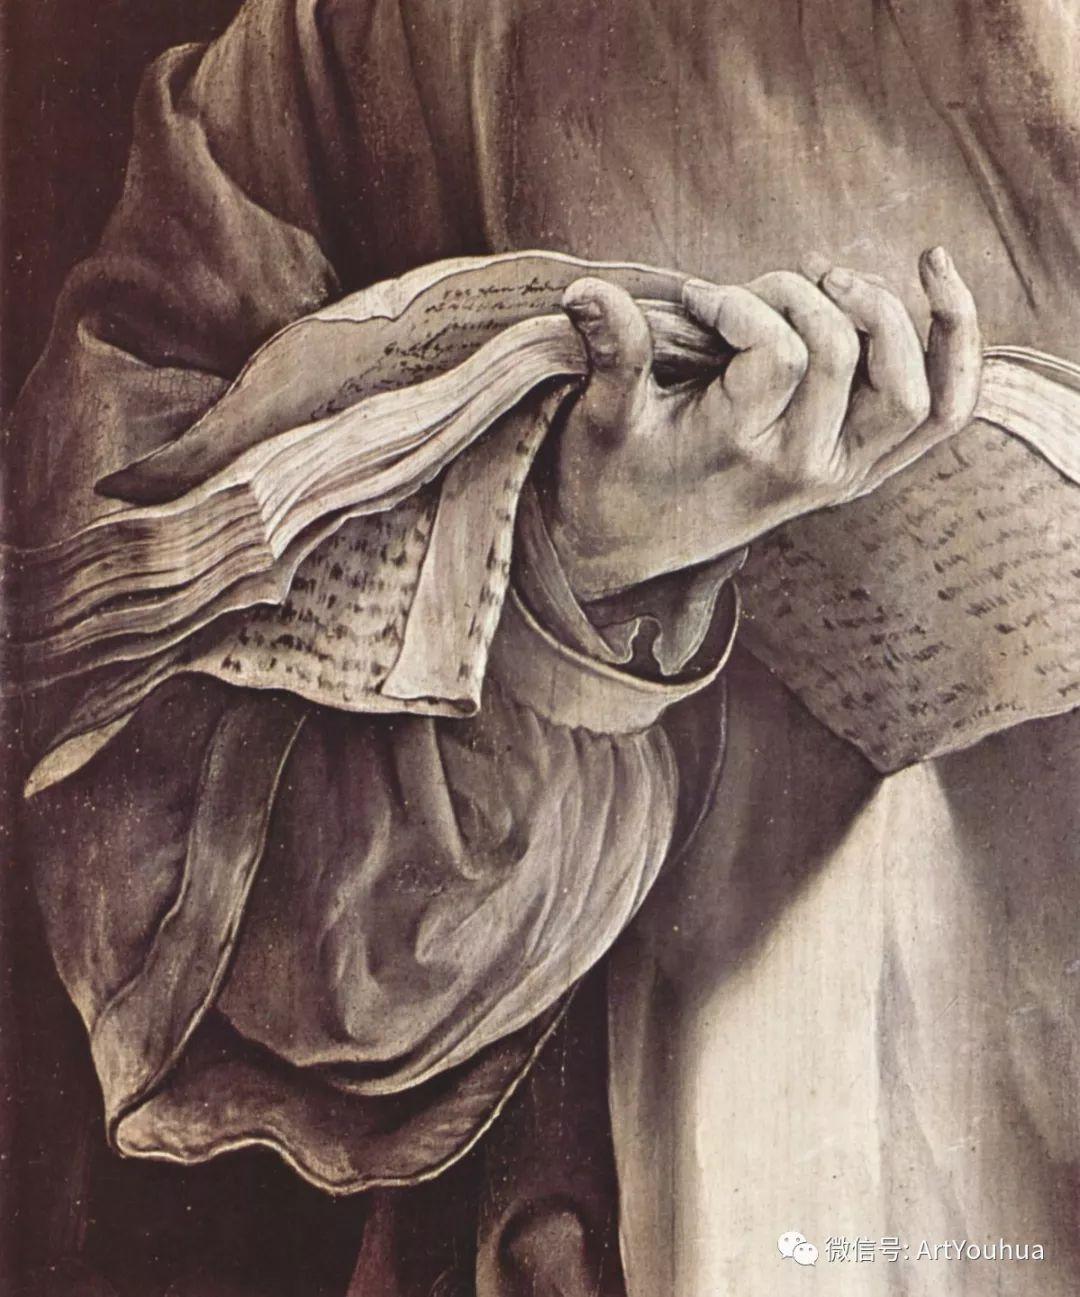 连载No.5 一生要知道的100位世界著名画家之格吕内瓦尔德插图43